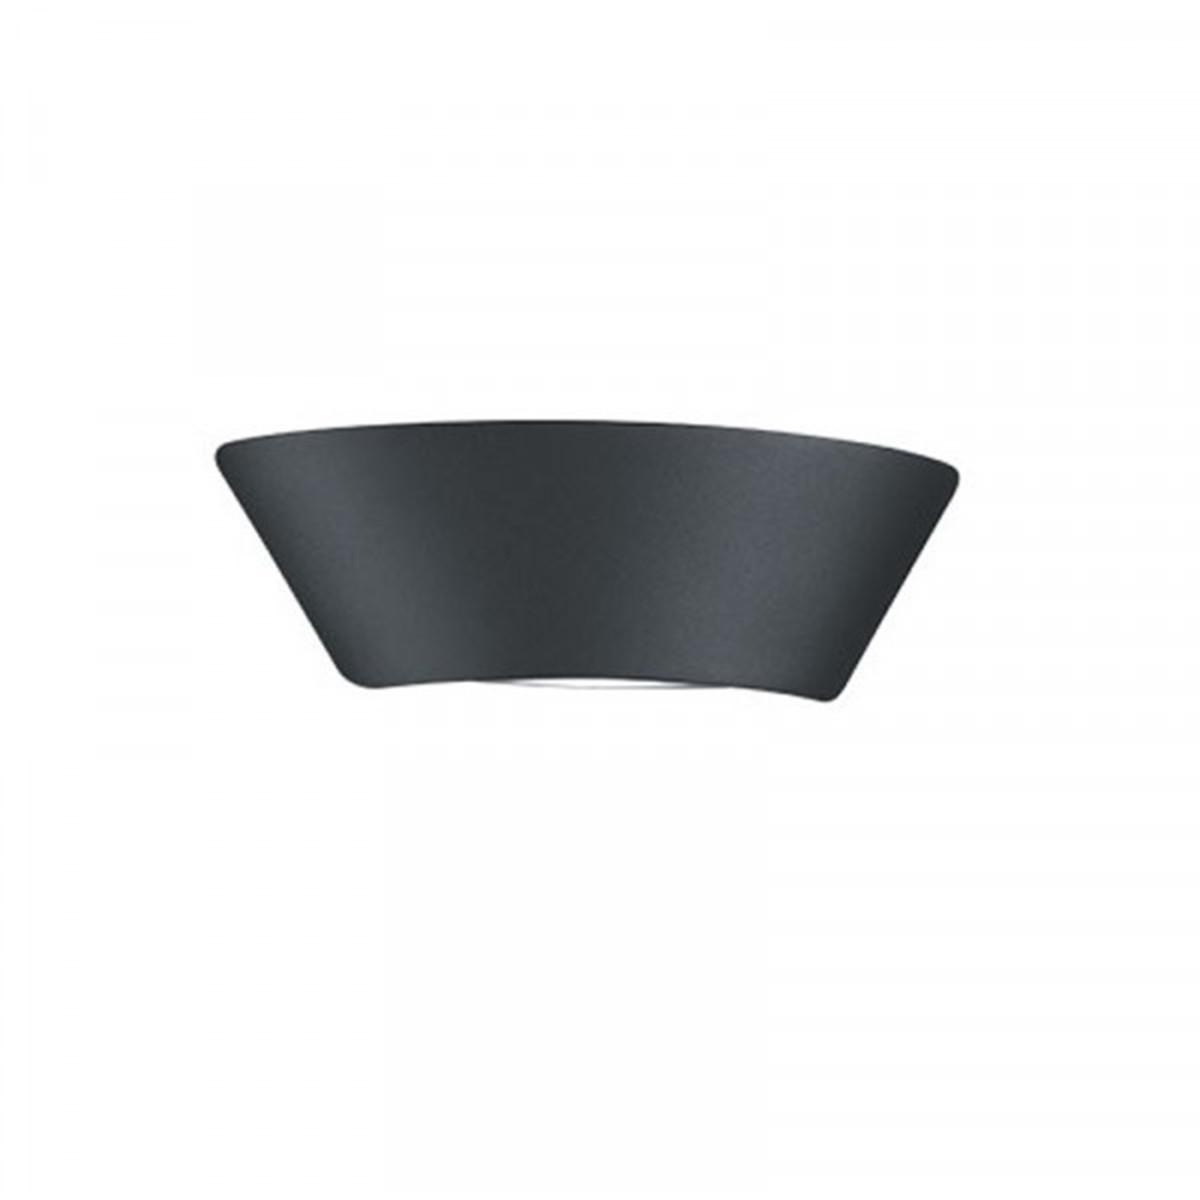 LED Tuinverlichting - Tuinlamp - Trion Sacamon - Wand - 7W - Mat Zwart - Aluminium